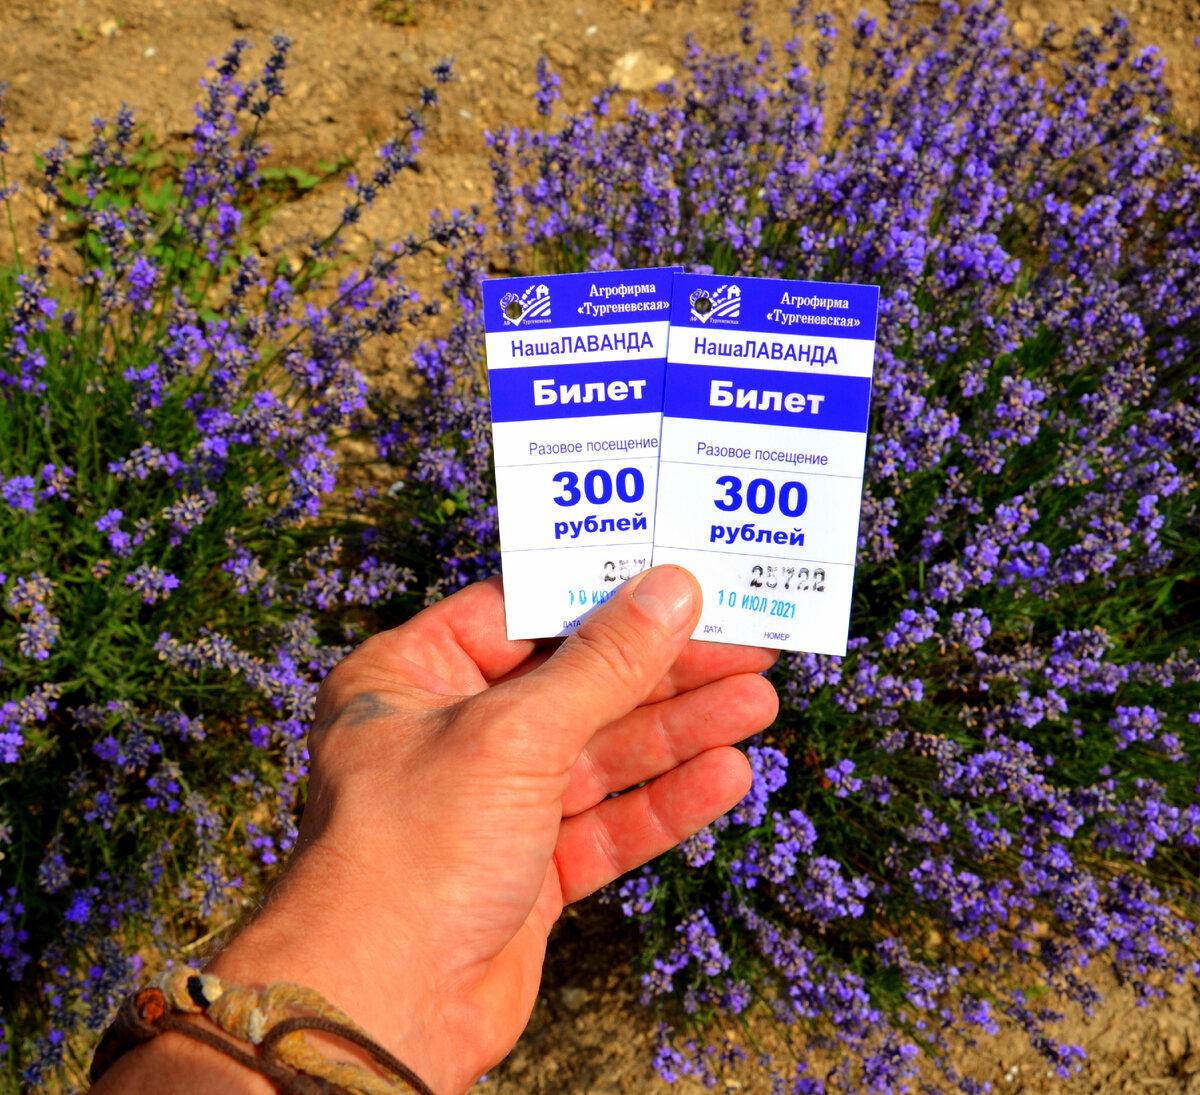 Билеты на лавандовые поля в Тургеневке 10 июля 2021 года. Фото автора.